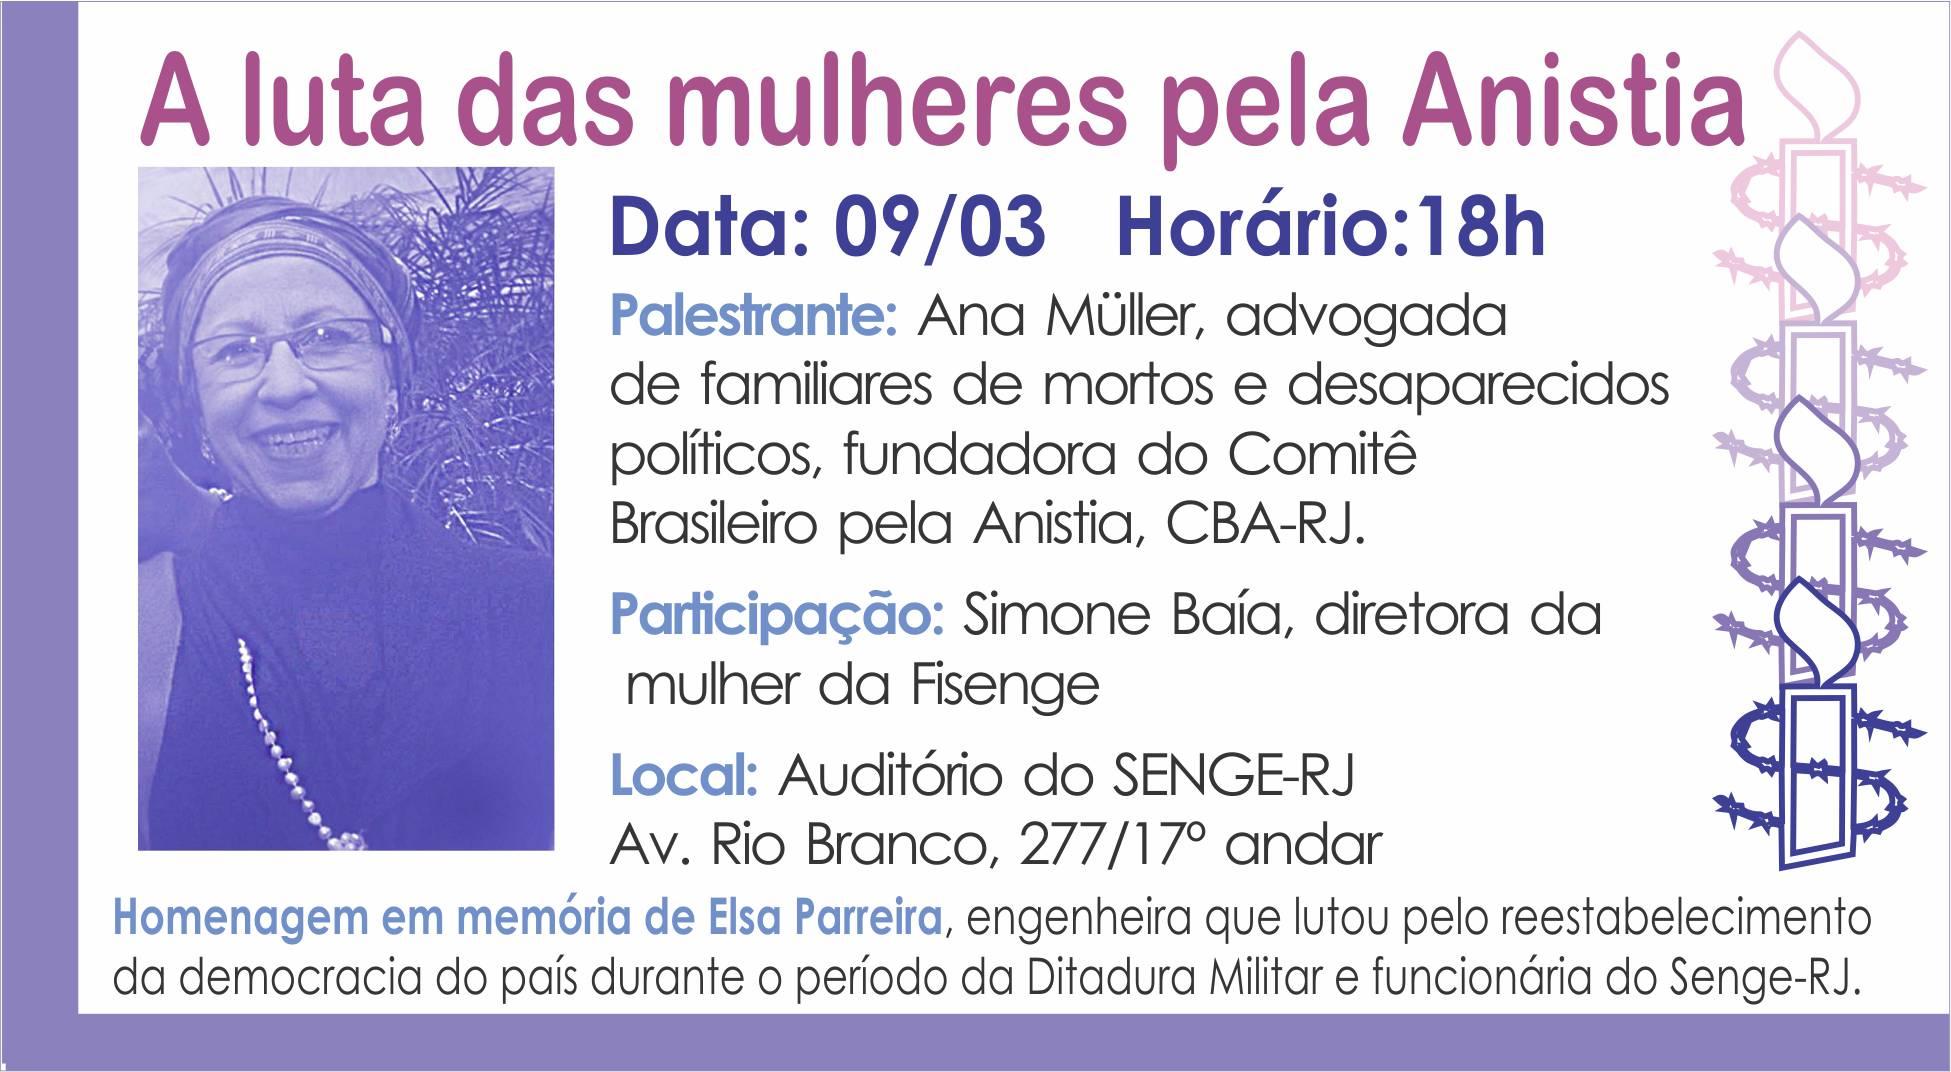 Facebook_luta_das_mulheres_pela__anistia_571por321